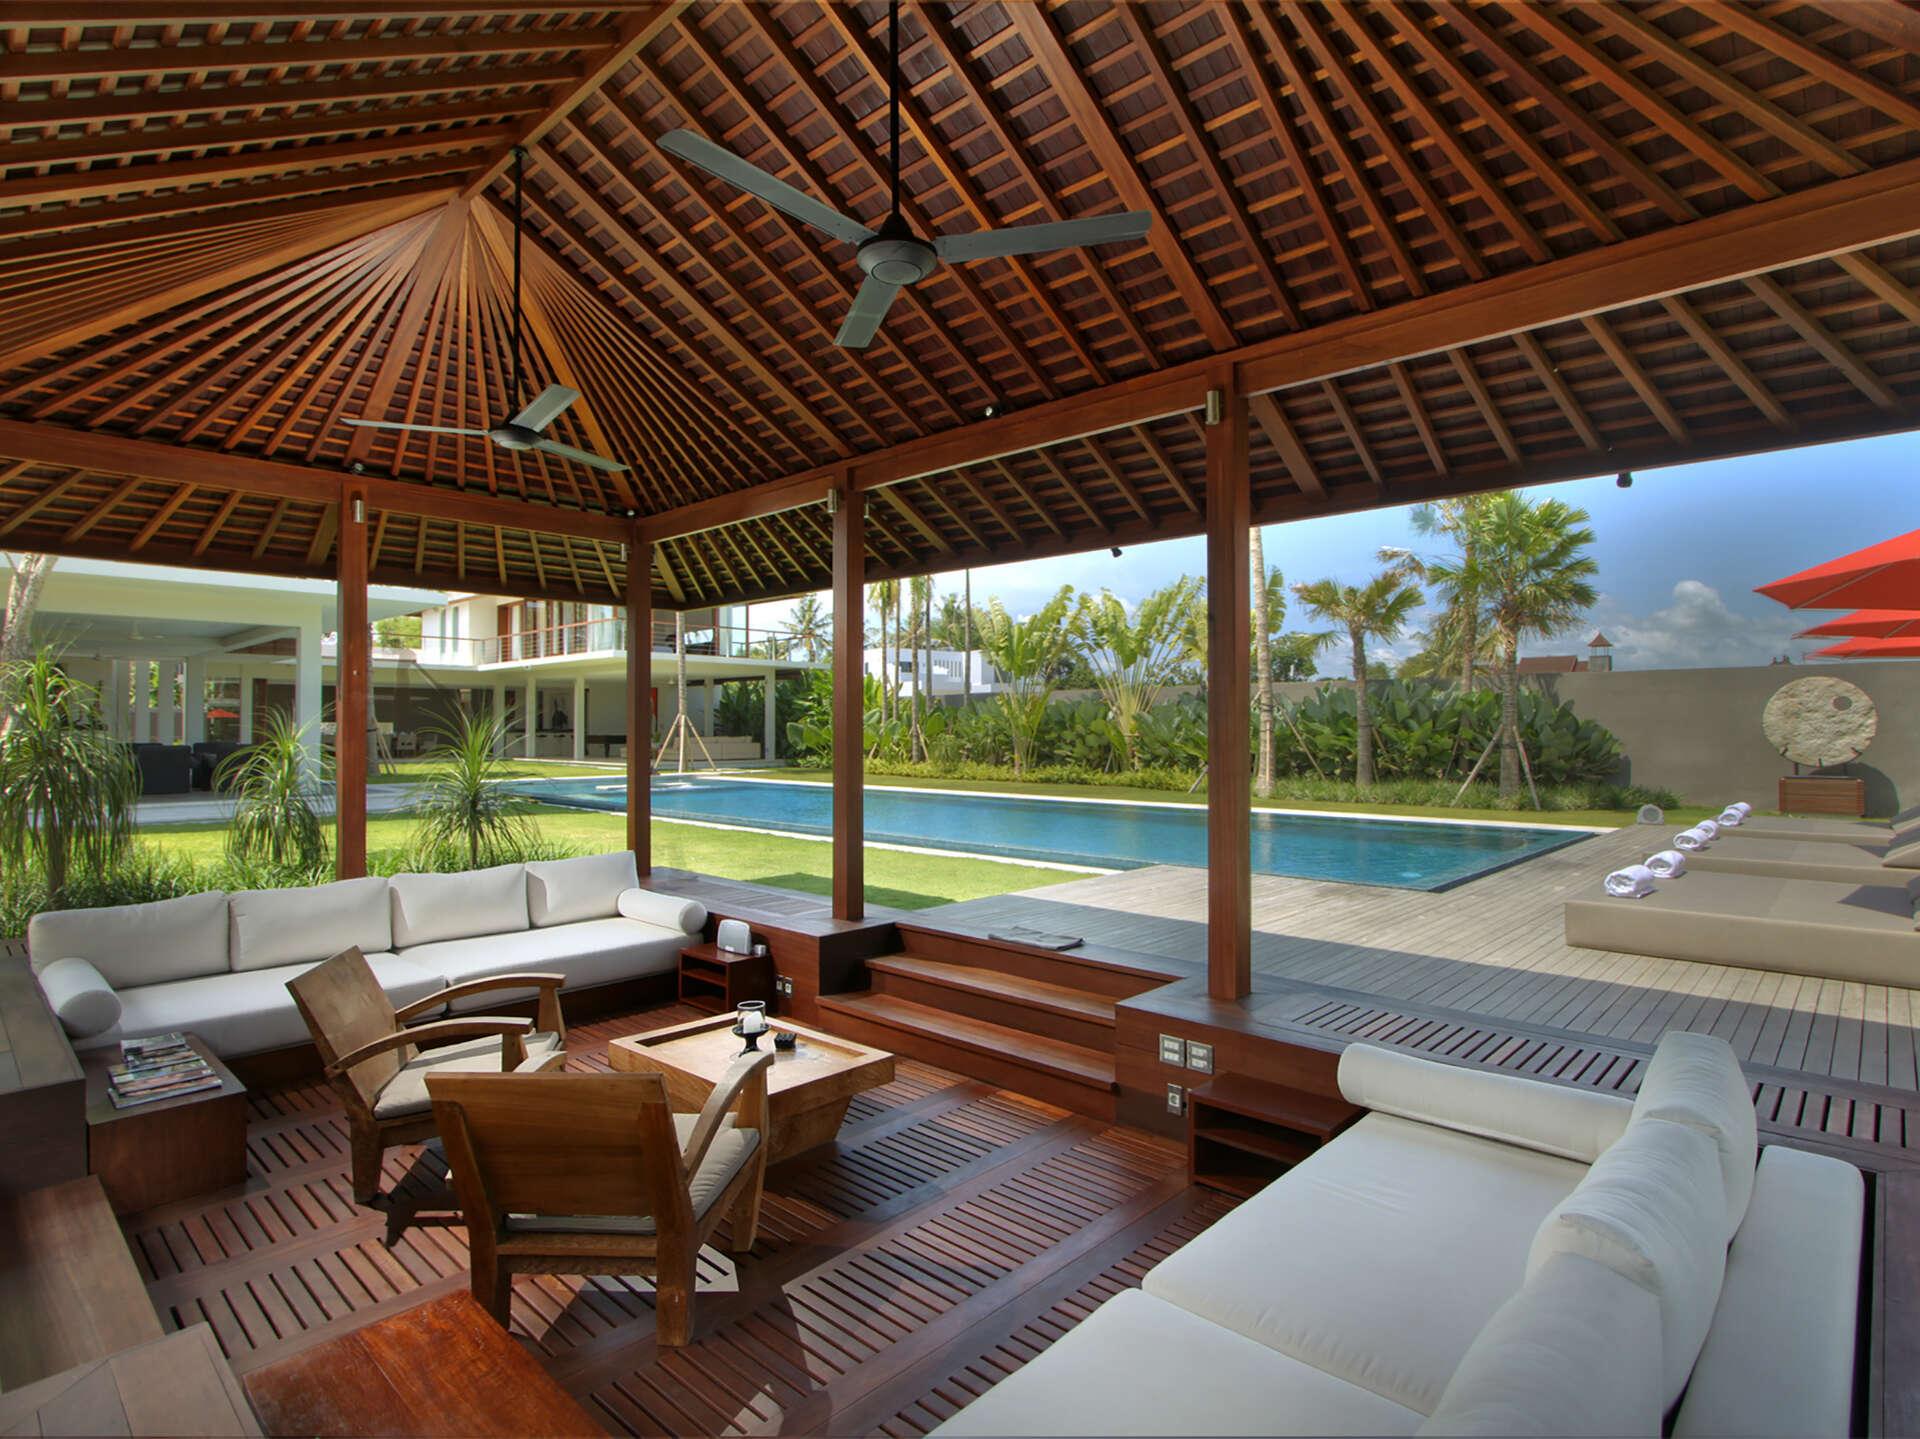 Luxury villa rentals asia - Indonesia - Bali - Canggu - Kalyani - Image 1/31